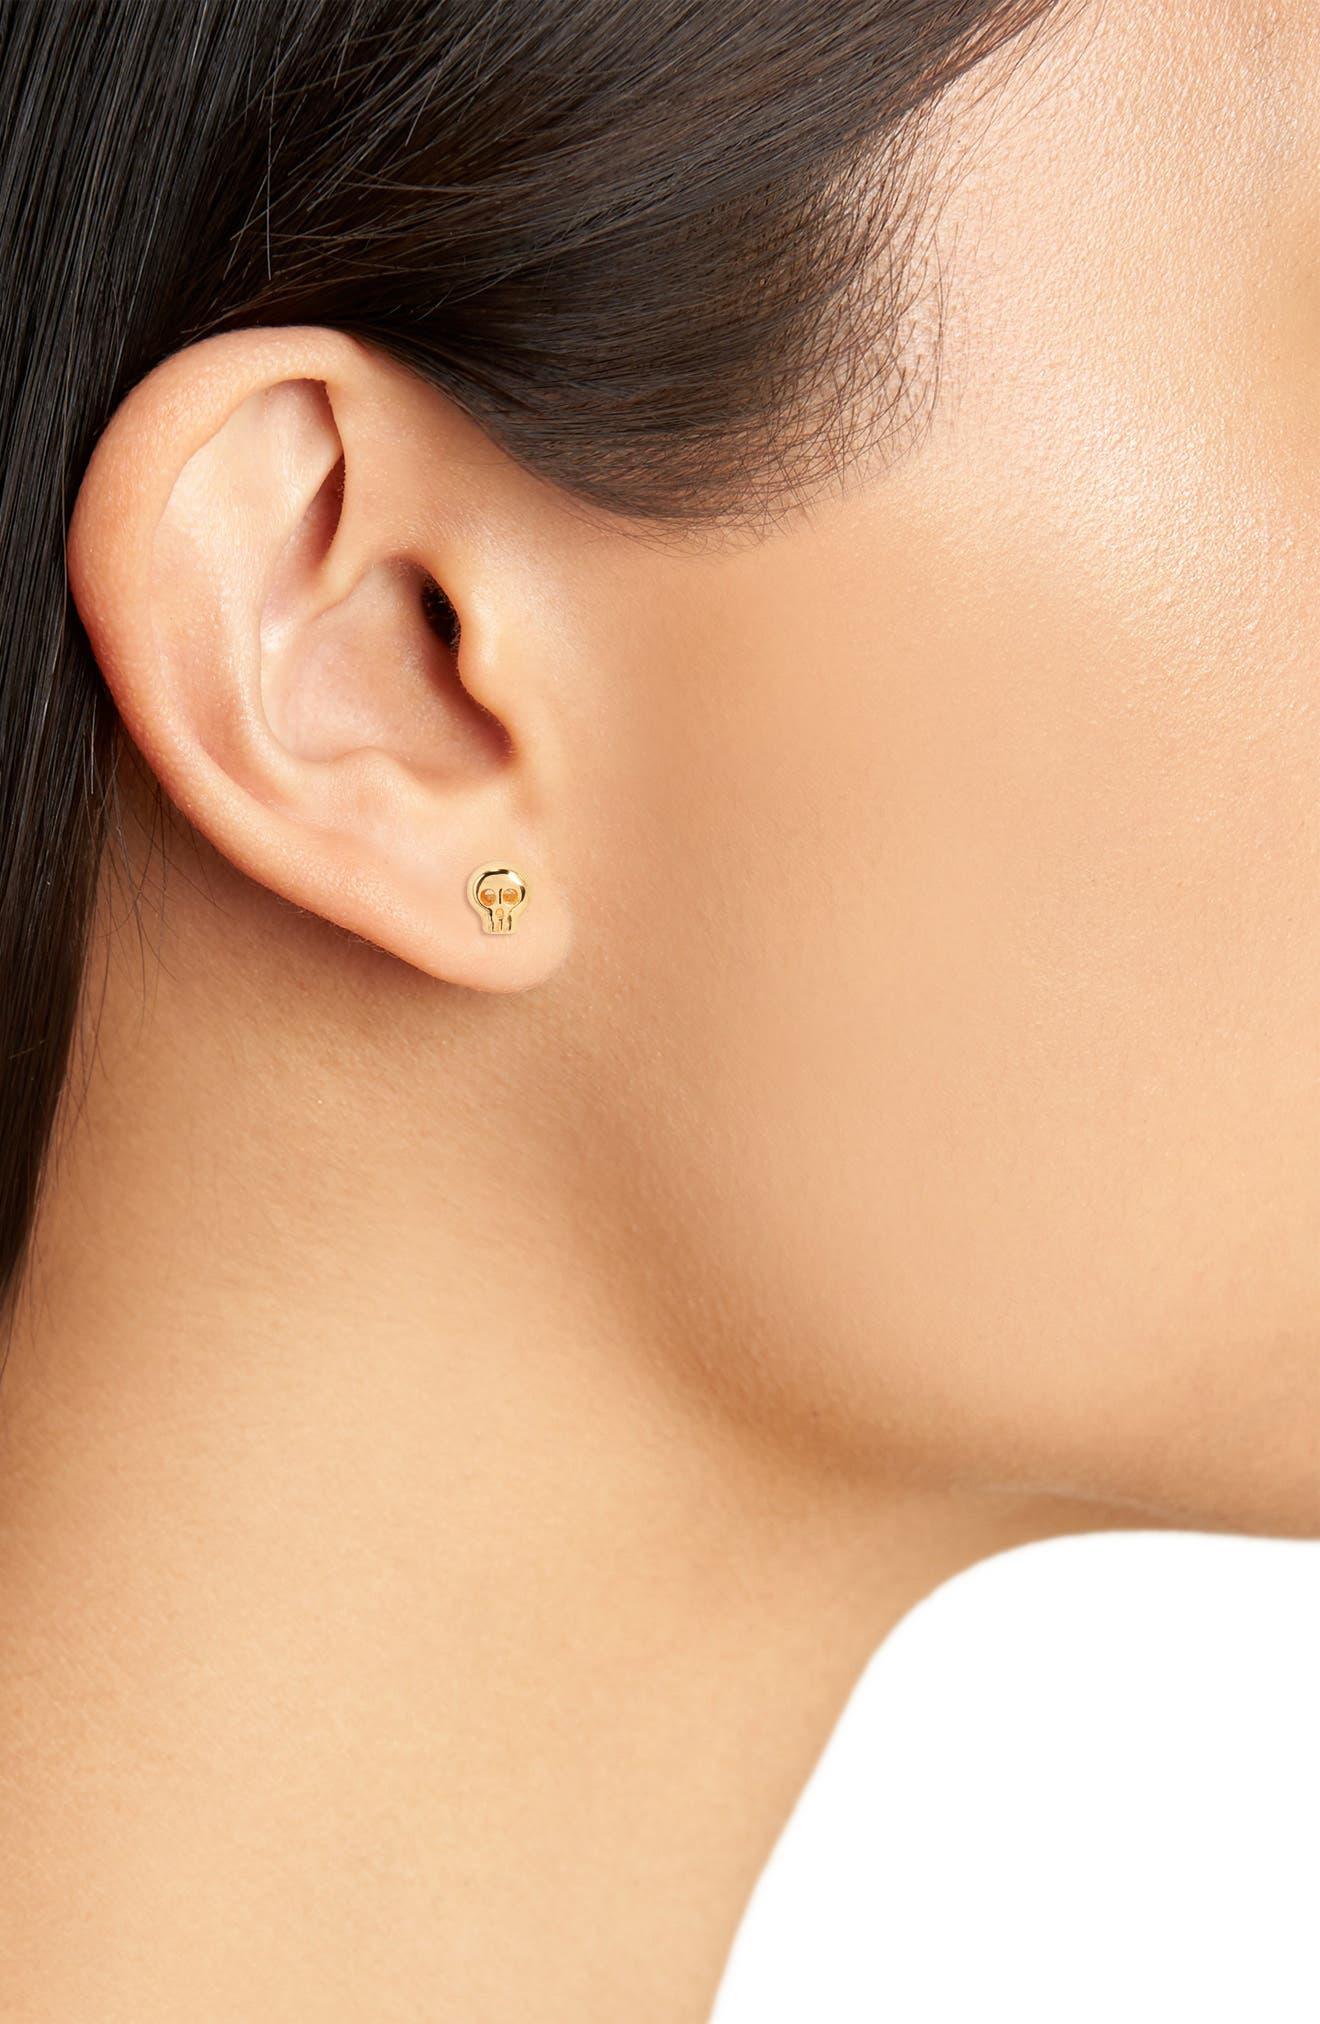 Skull Stud Earrings,                             Alternate thumbnail 2, color,                             GOLD